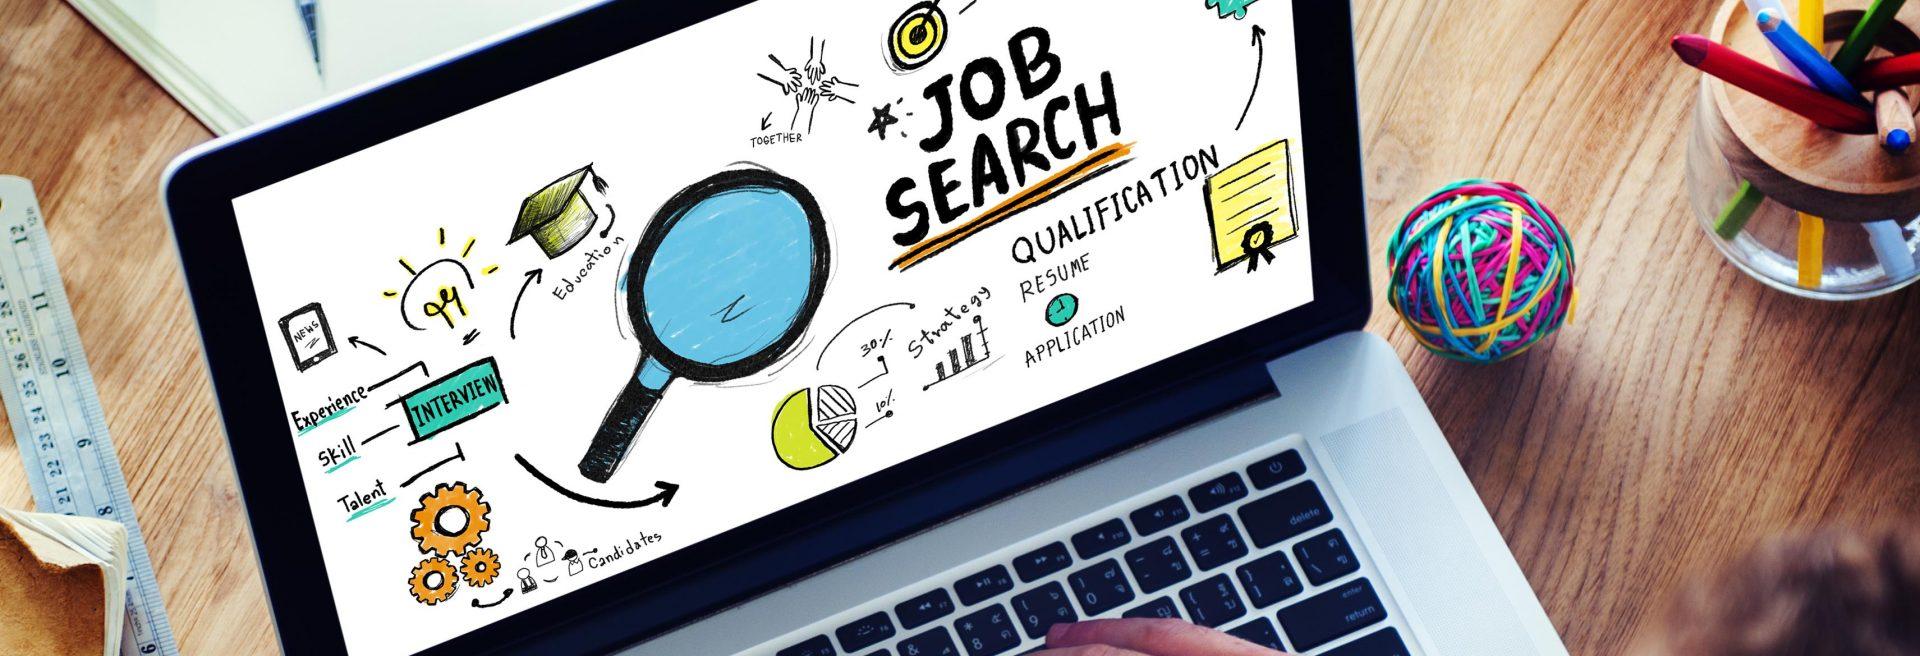 Δύο νέες θέσεις εργασίας στην περιοχή της Θεσσαλονίκης